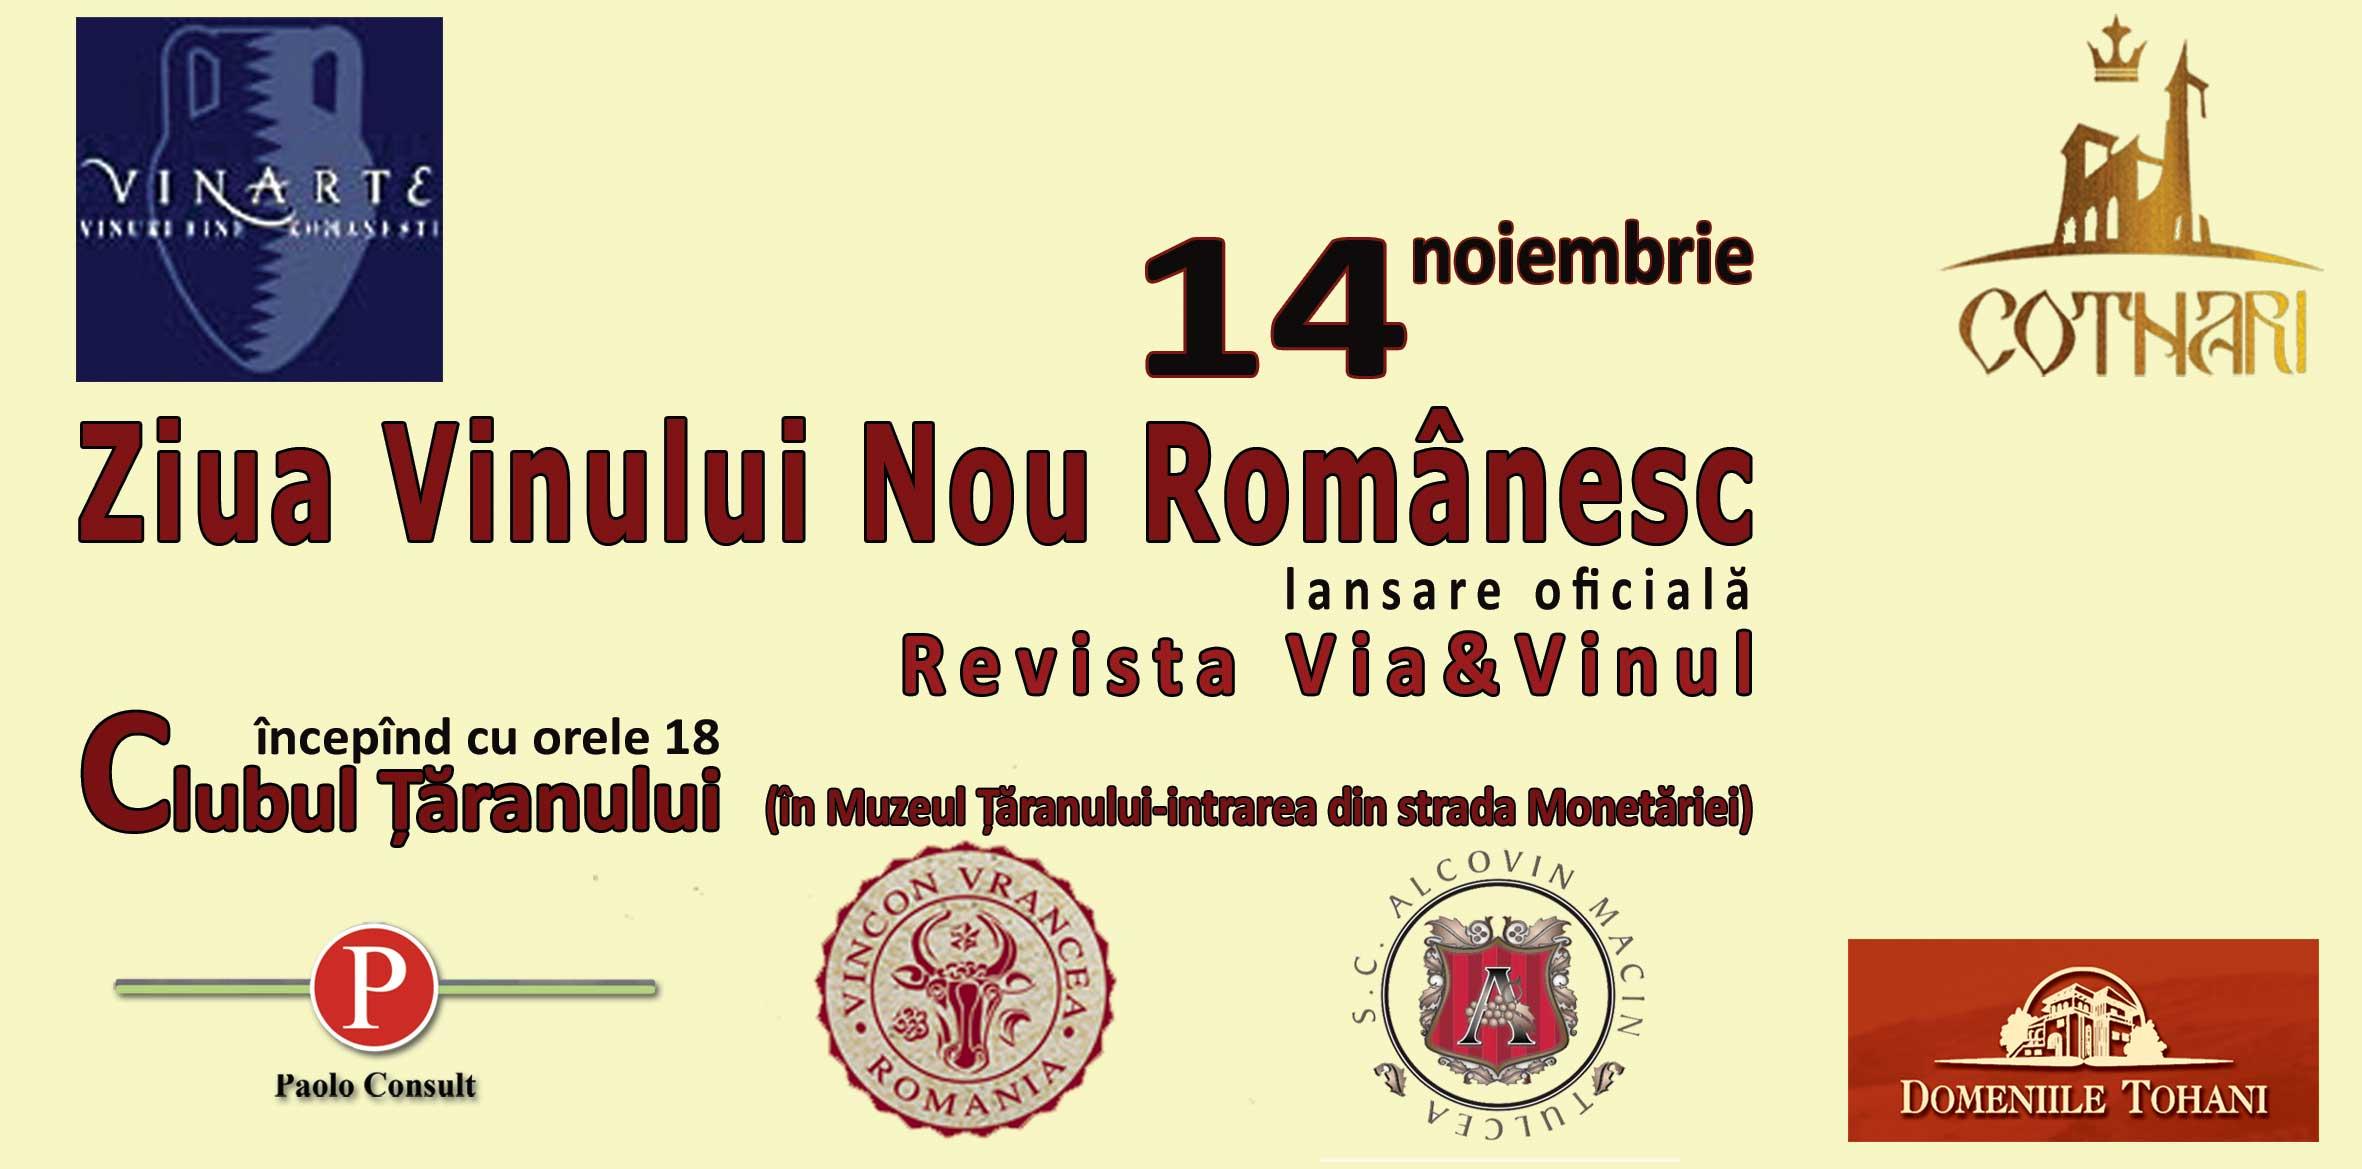 Ziua Vinului Nou Românesc - 14 Noiembrie 2008